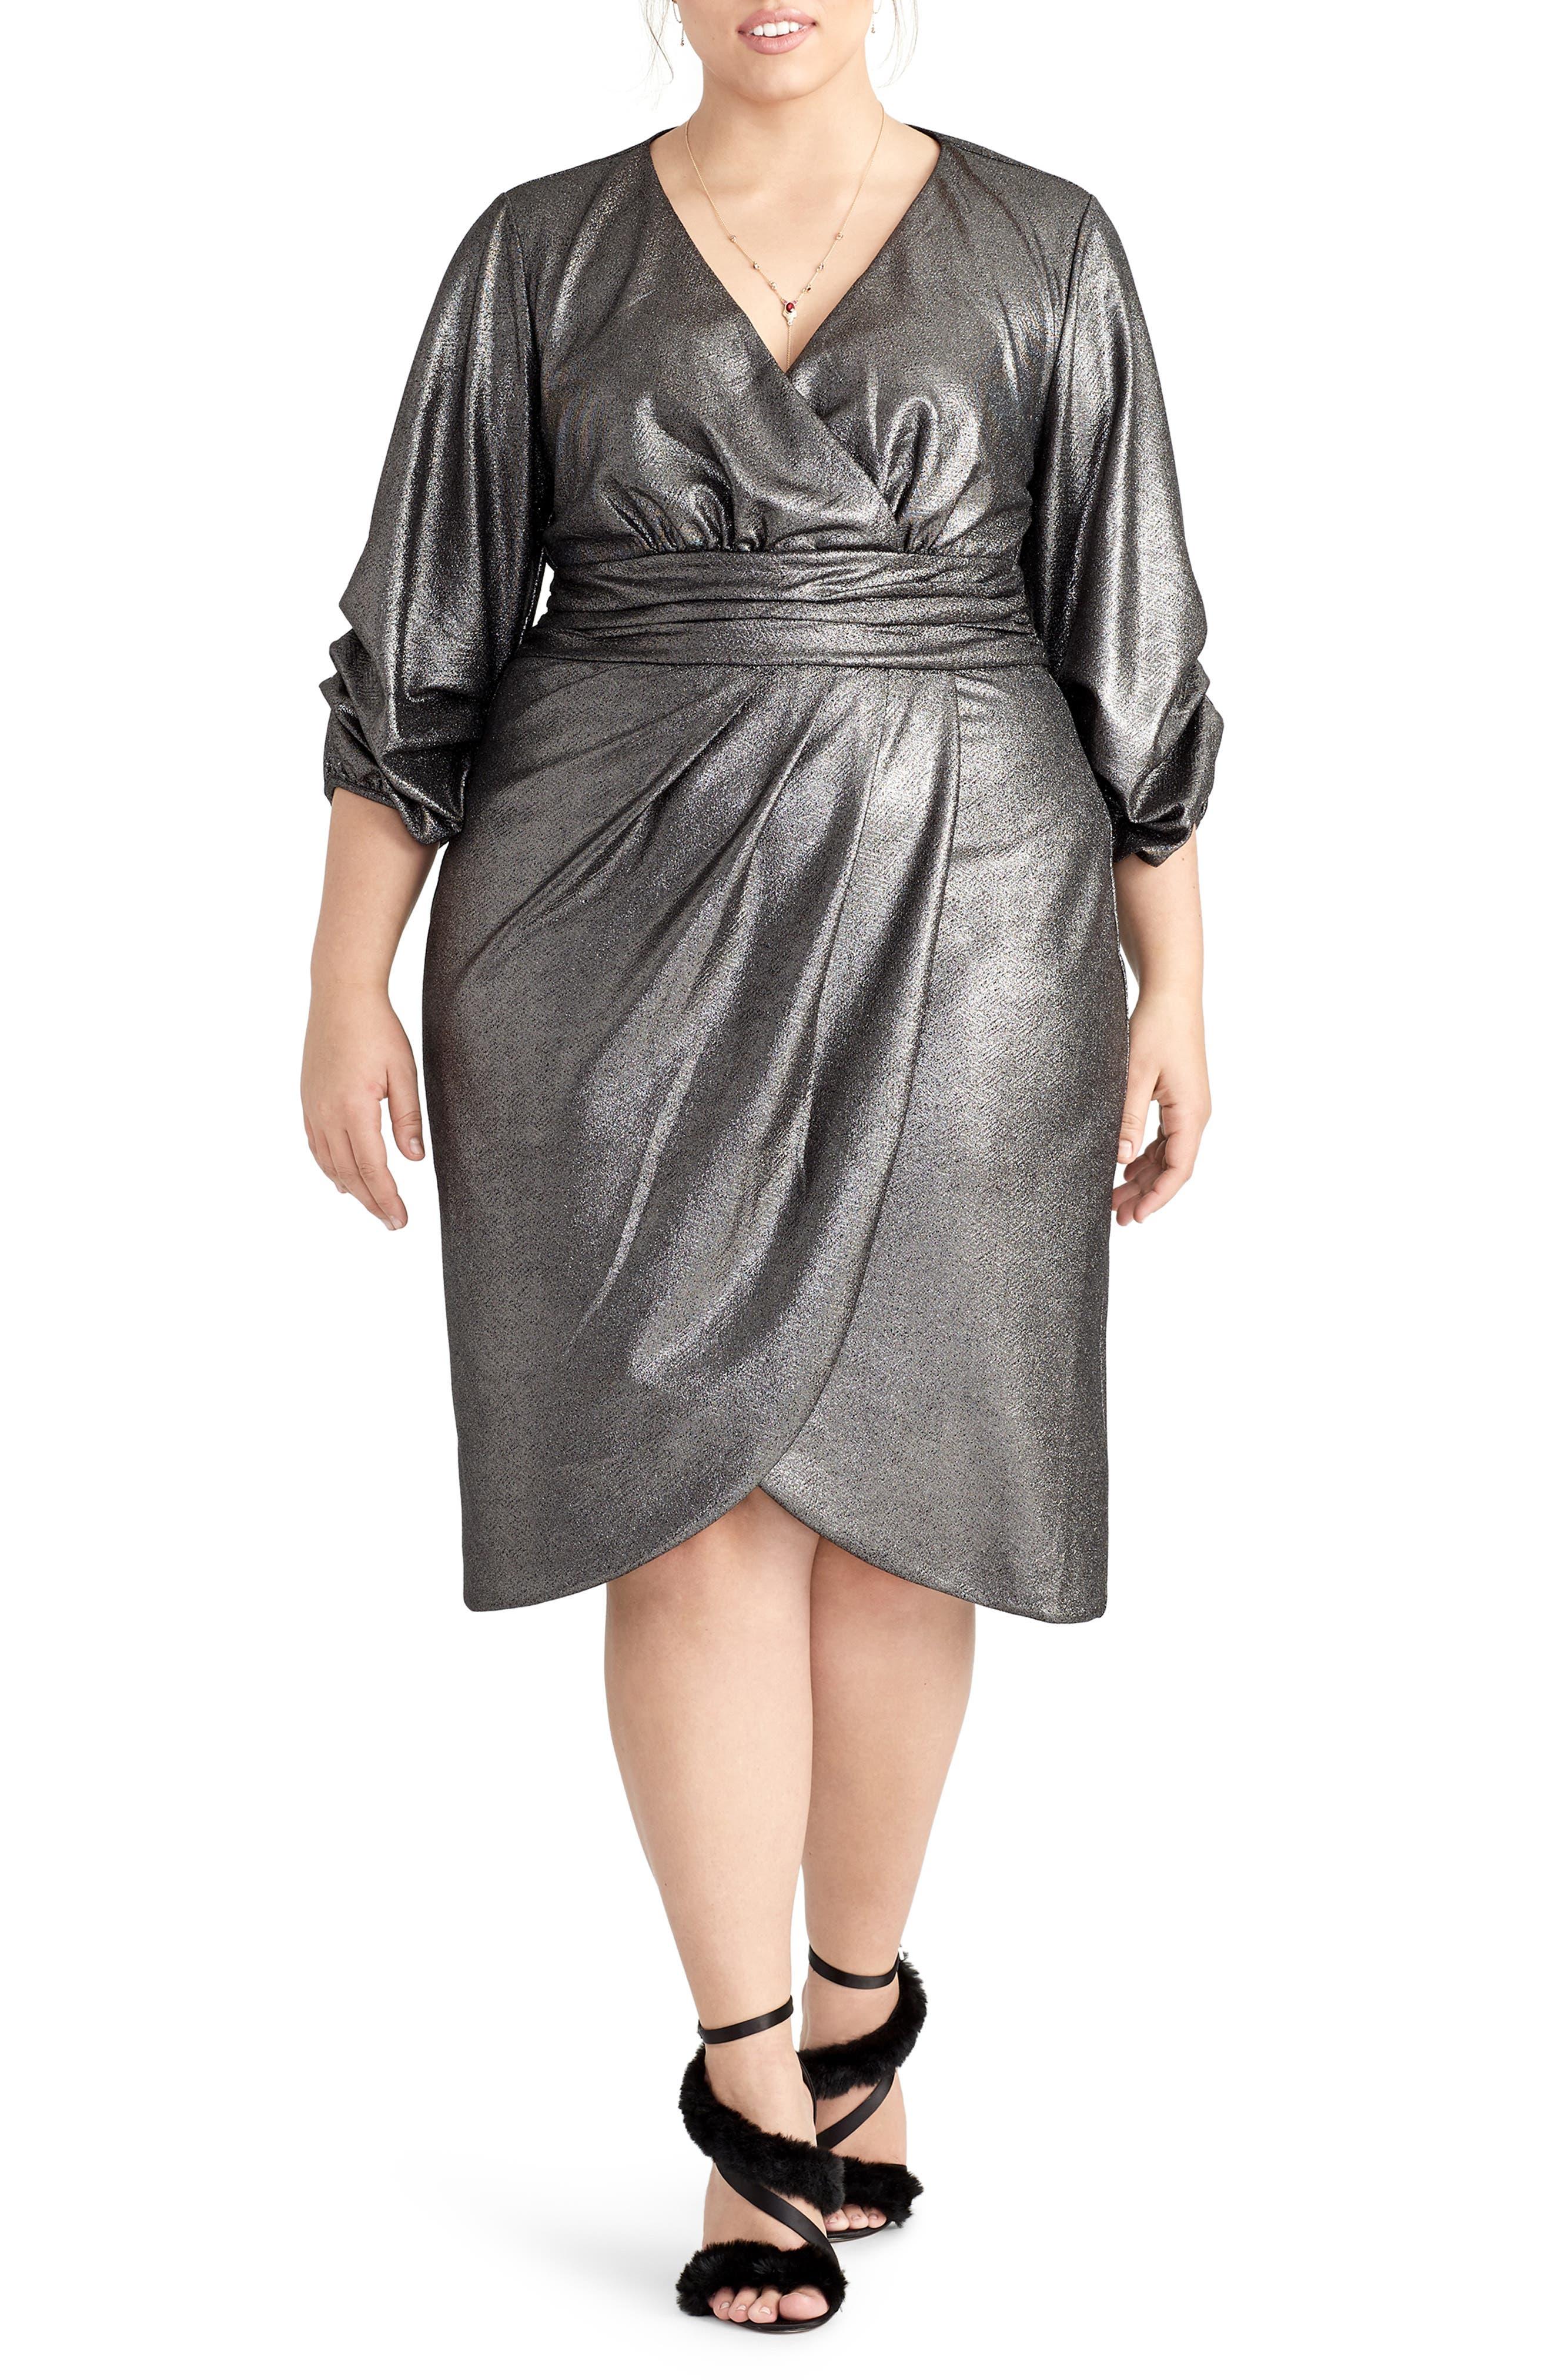 60s 70s Plus Size Dresses, Clothing, Costumes Plus Size Womens Rachel Rachel Roy Metallic Faux Wrap Dress Size 20W - Metallic $119.25 AT vintagedancer.com